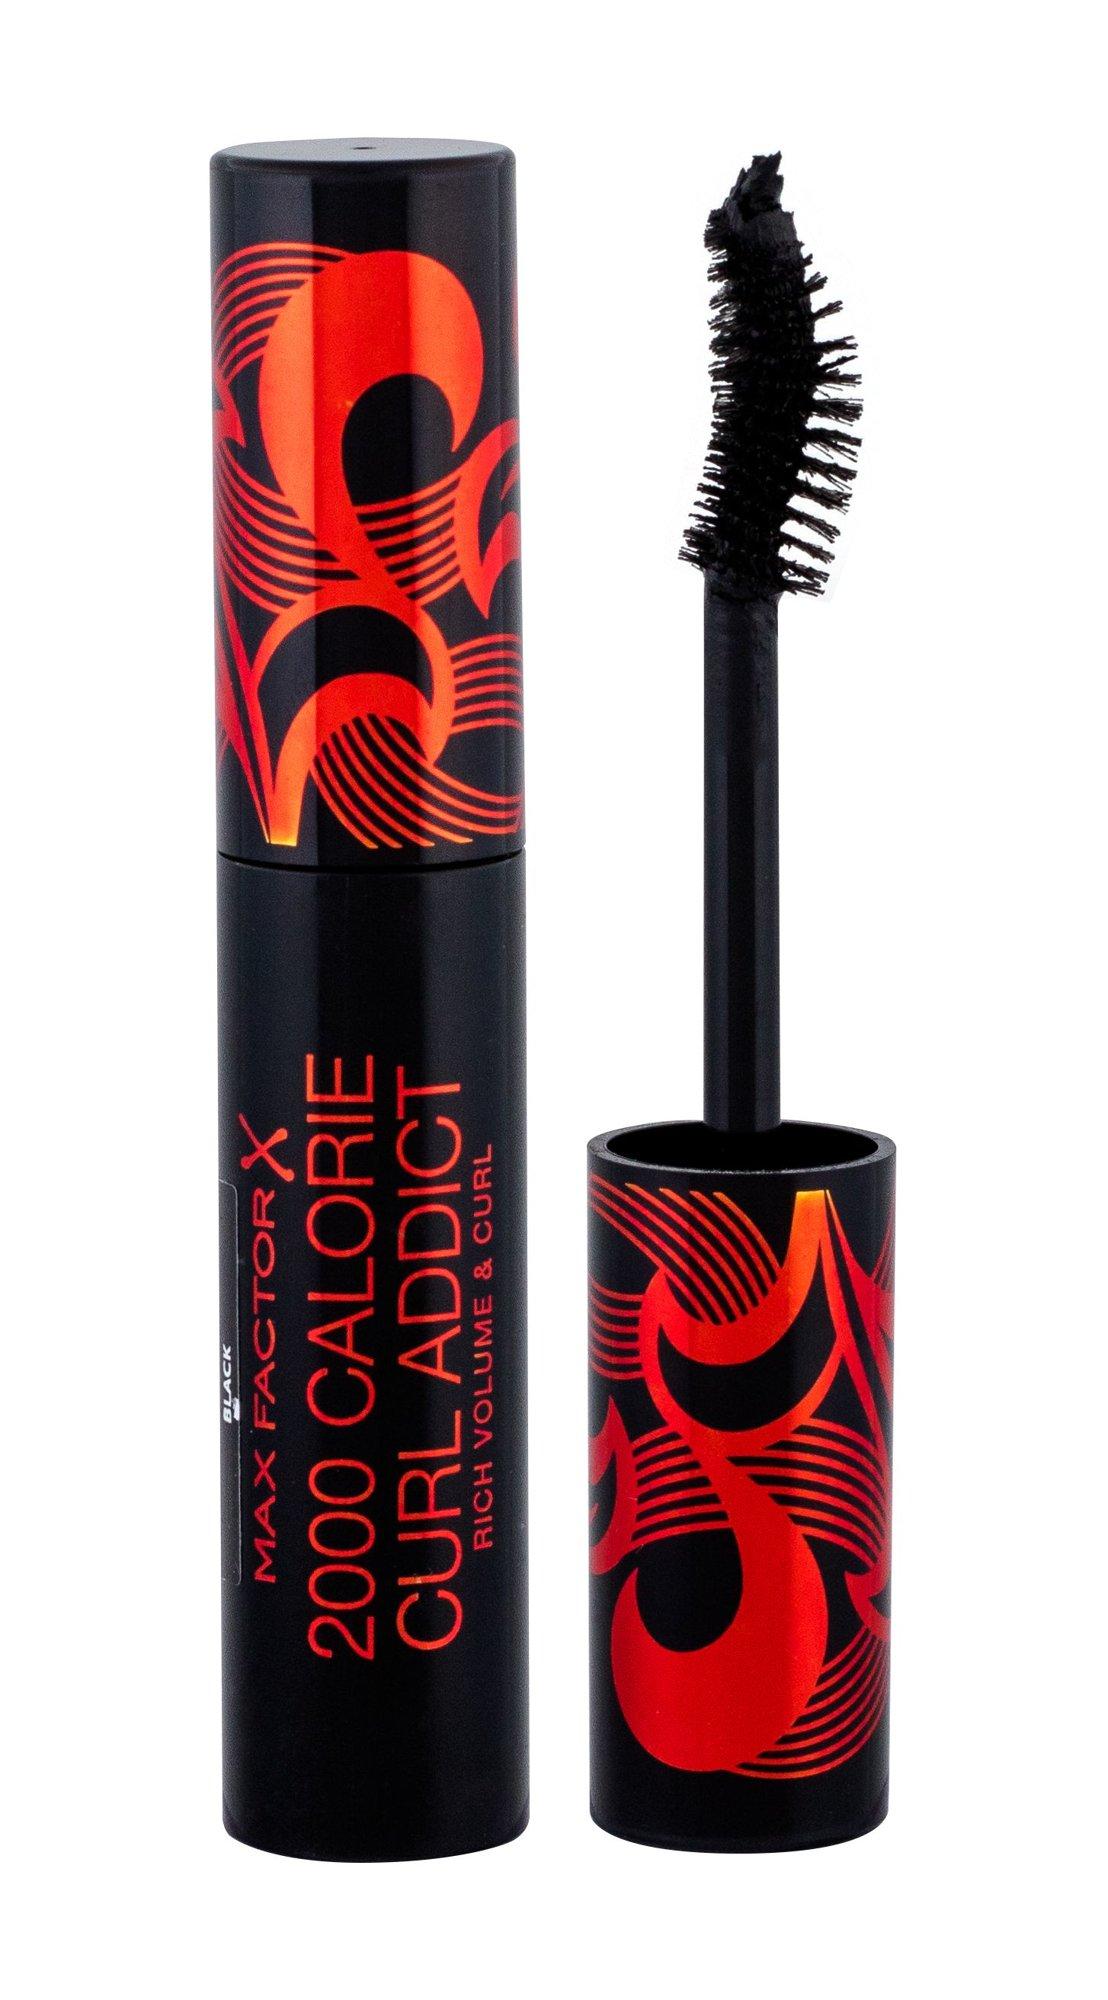 Max Factor 2000 Calorie Mascara 11ml Black